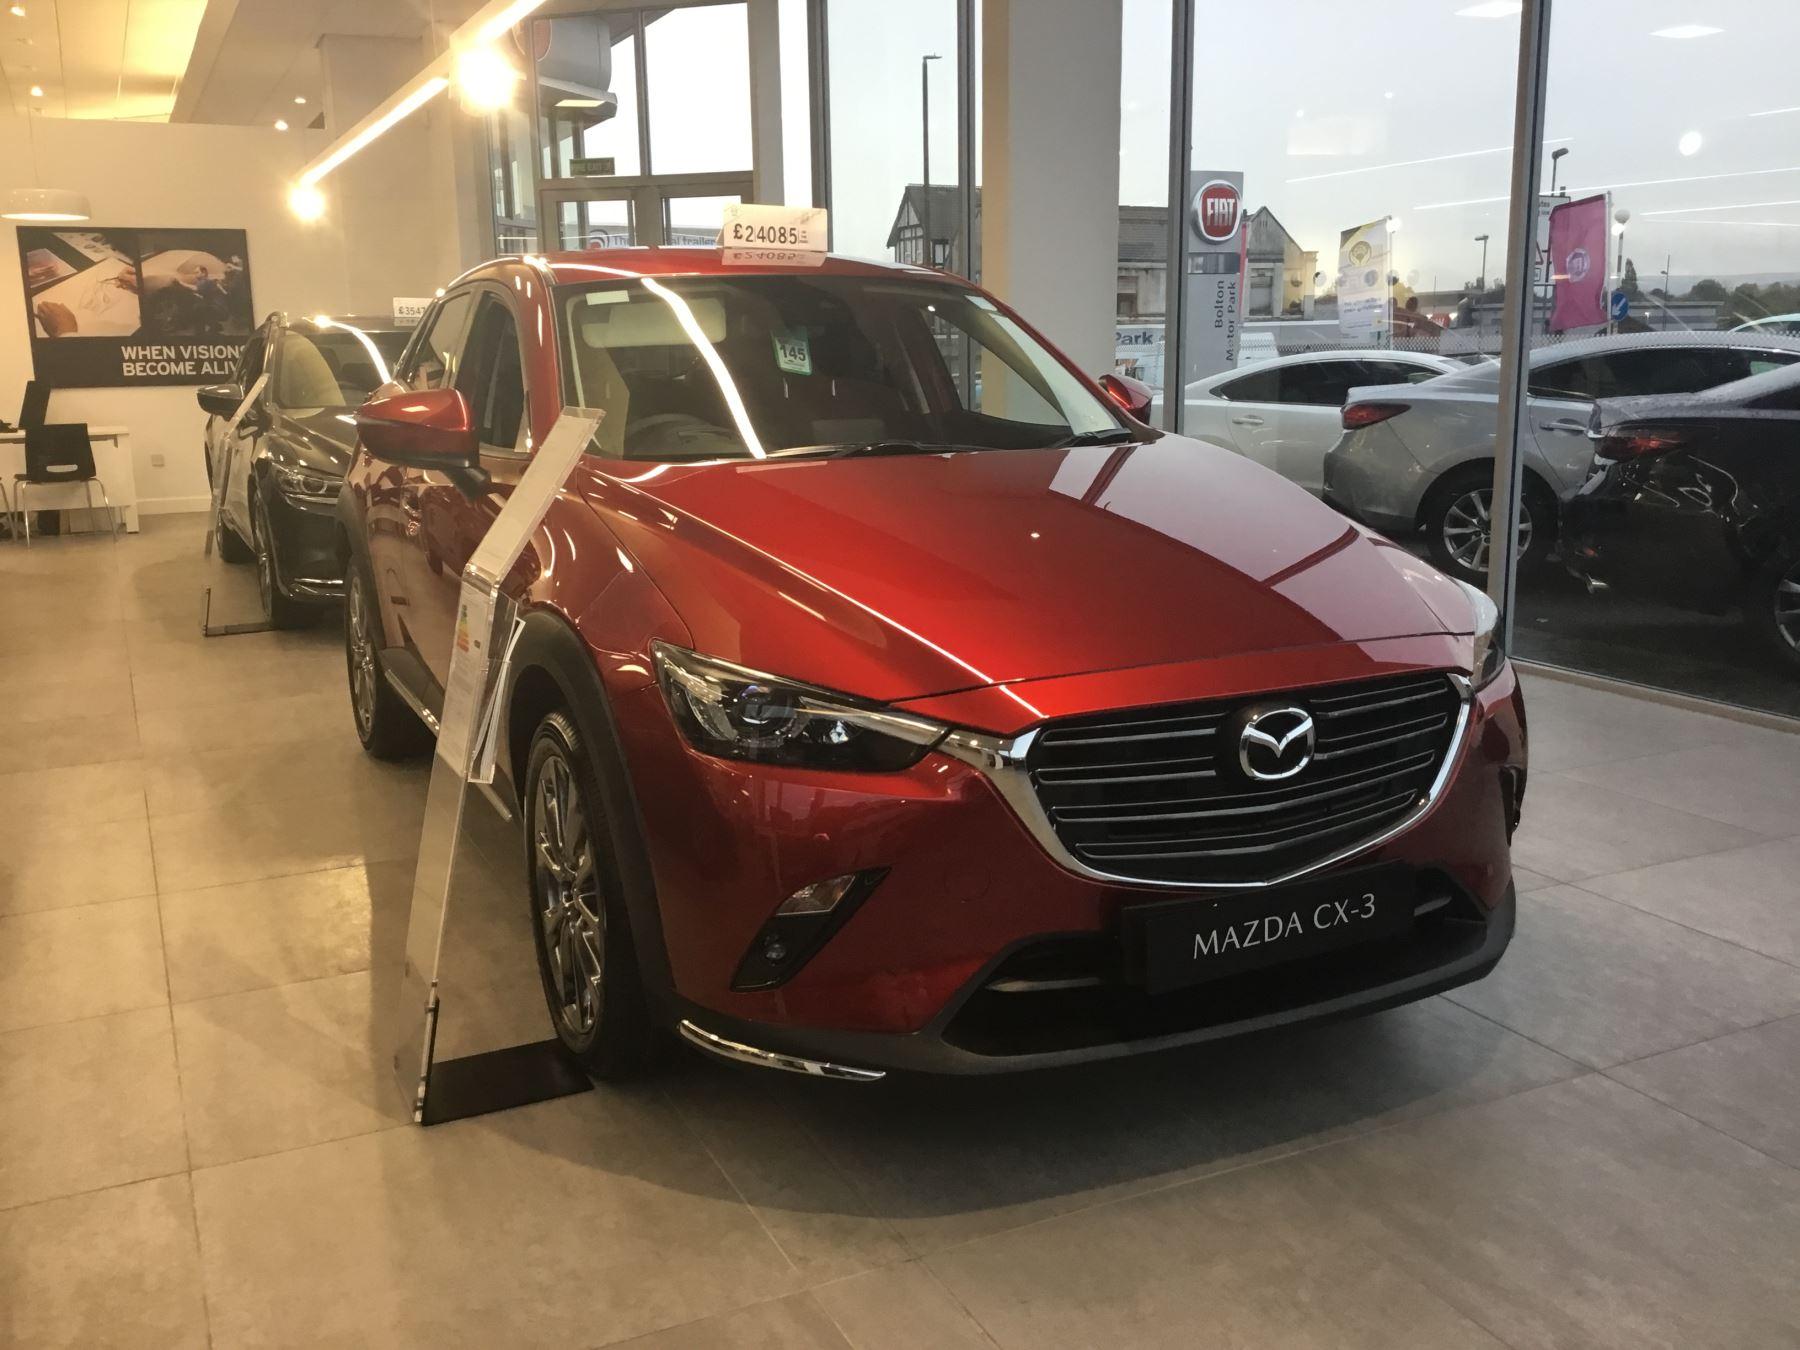 Mazda CX-3 1.8d Sport Nav + image 1